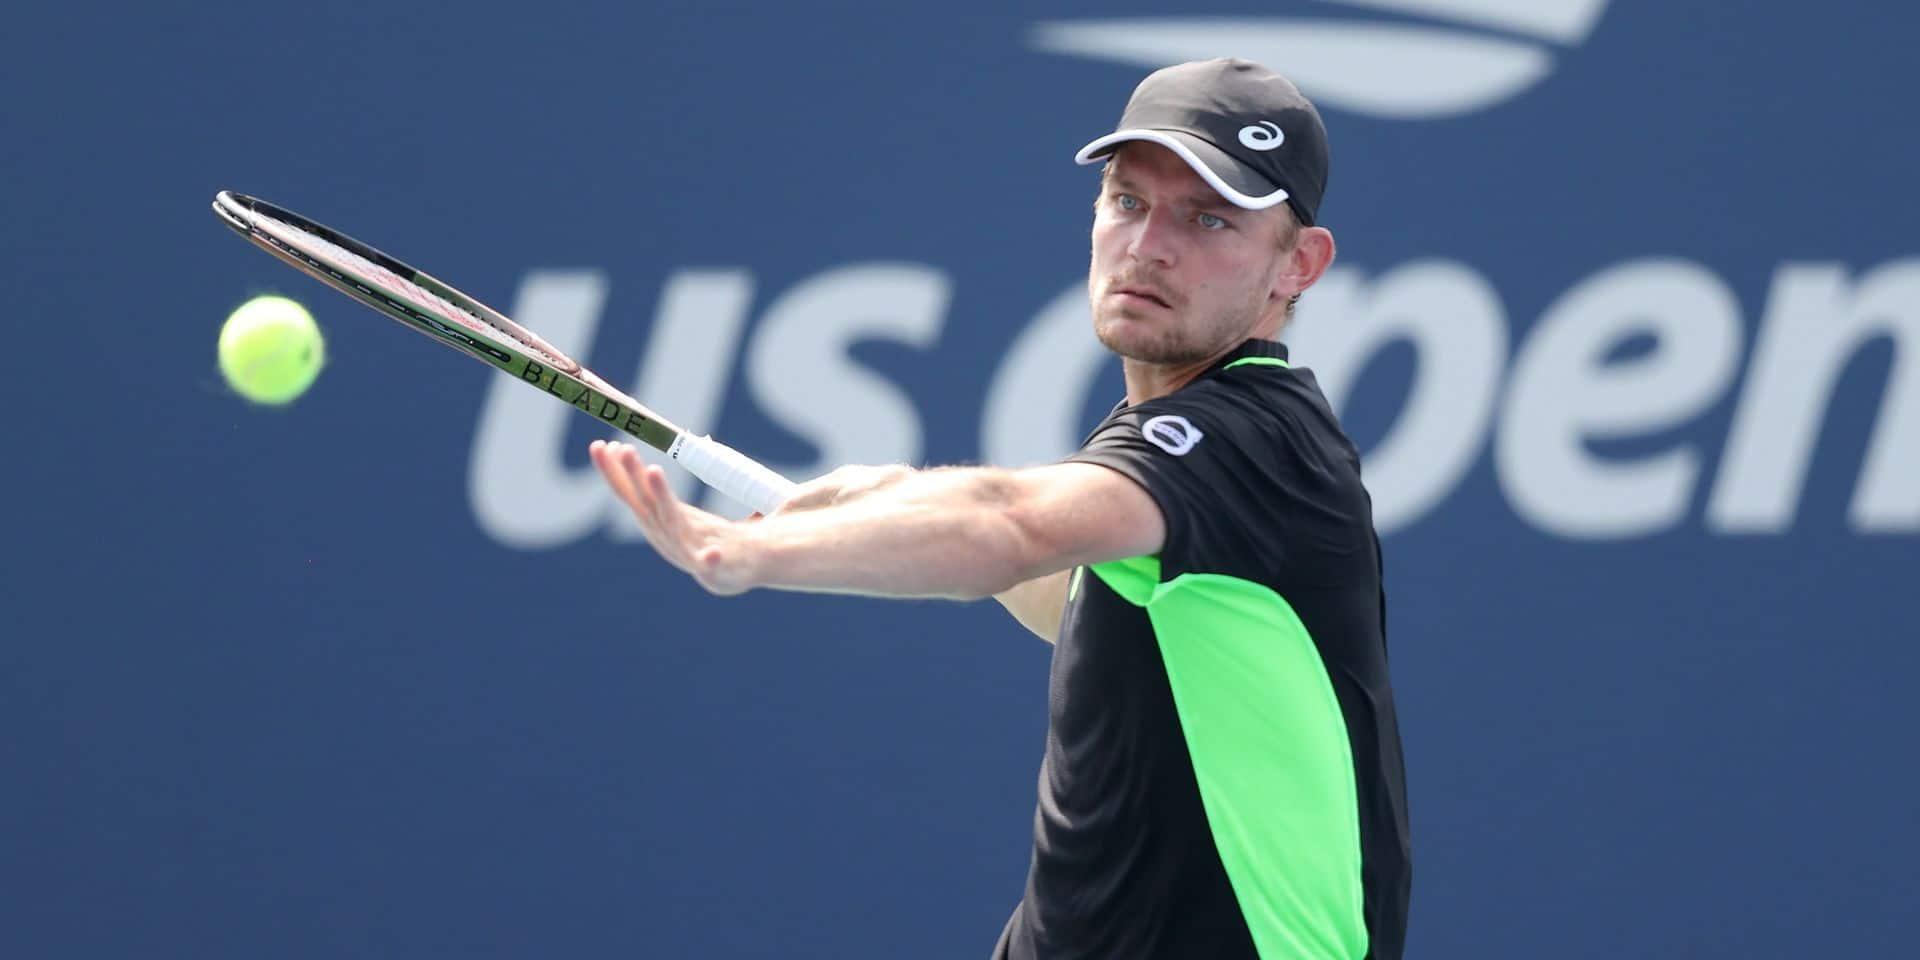 Classement ATP : Pas de changements dans le top 20, Goffin toujours 30e